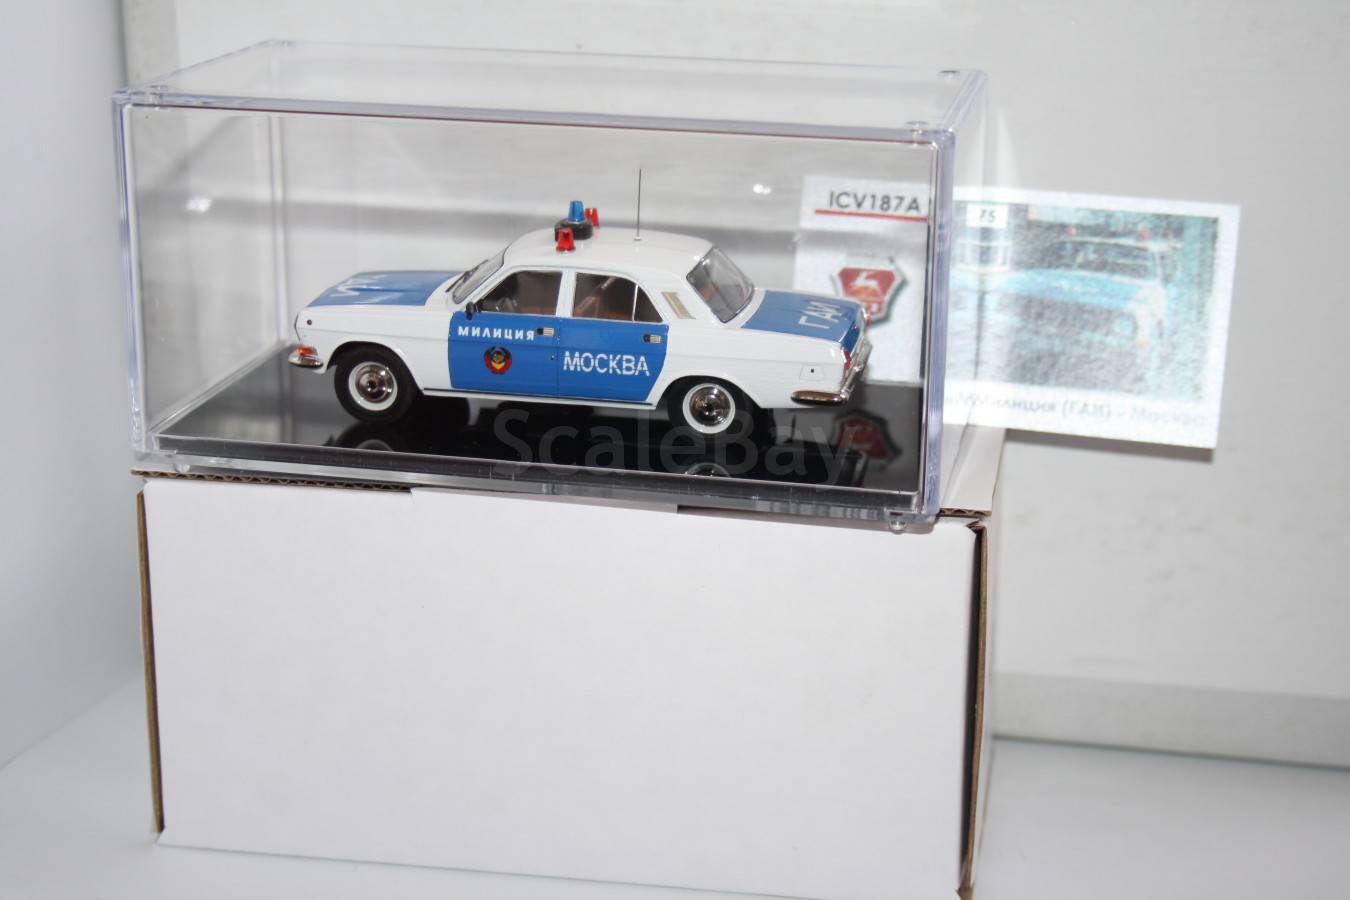 ГАЗ 24-10 - Милиция (ГАИ) - Москва 1991 г.,ICV | Аукцион масштабных и сборных моделей